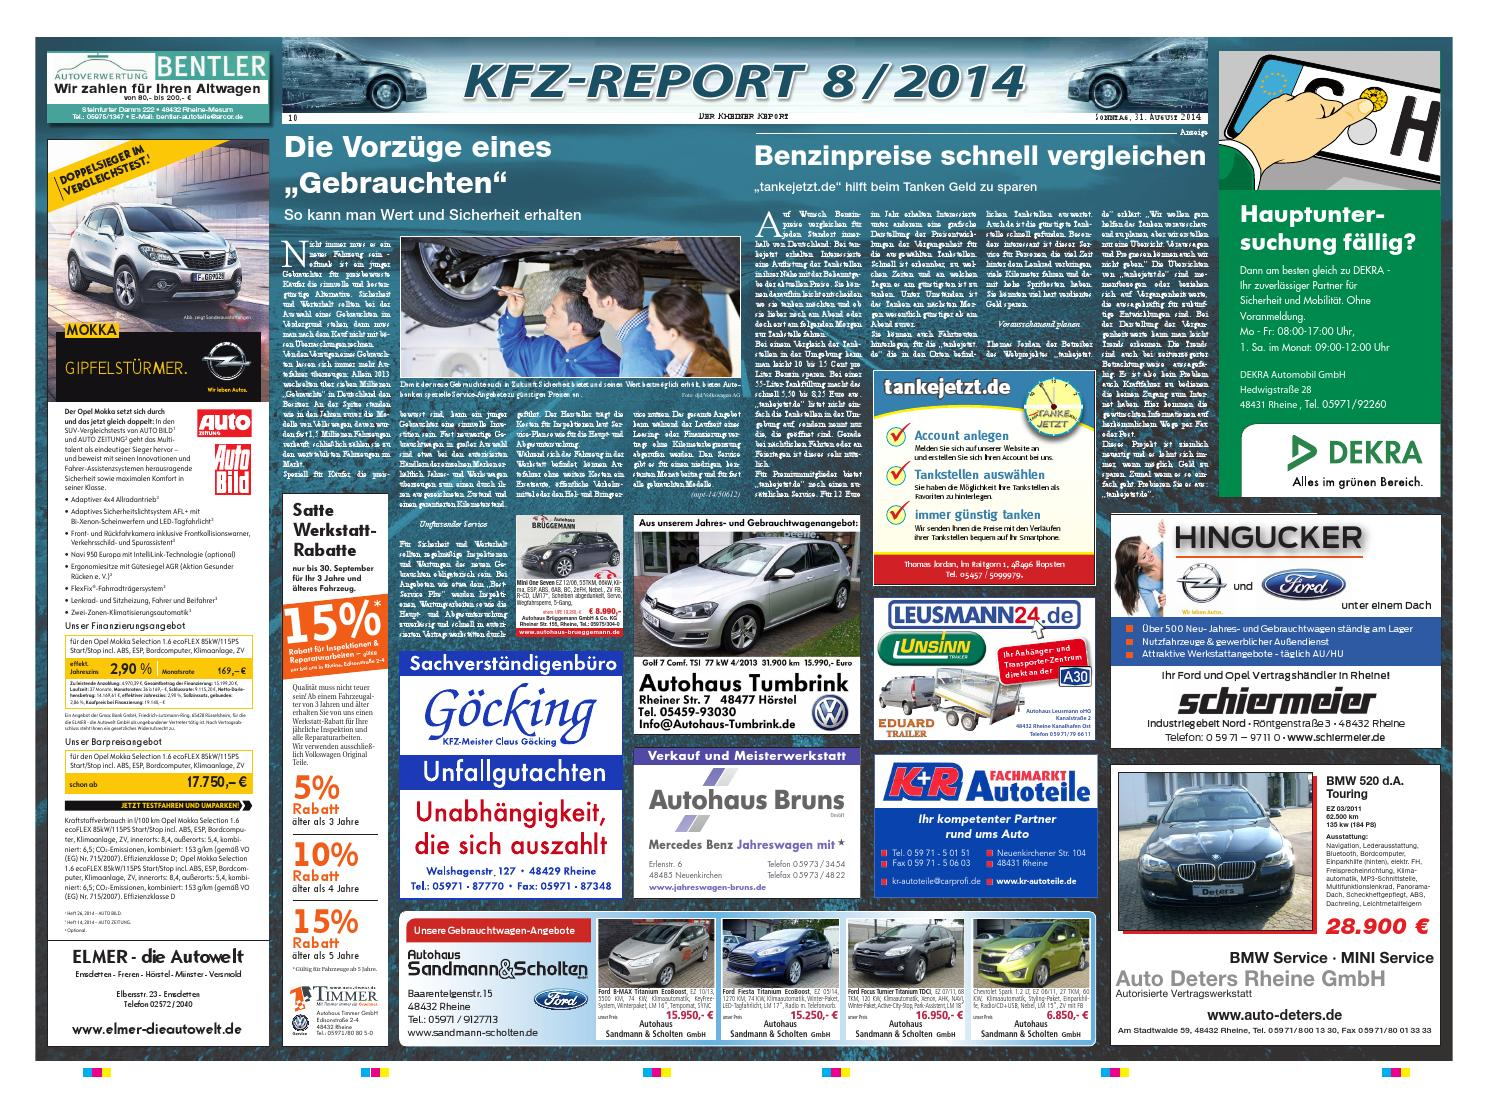 Auto deters rheine gmbh am stadtwalde 59 48432 rheine - Auto Deters Rheine Gmbh Am Stadtwalde 59 48432 Rheine 3